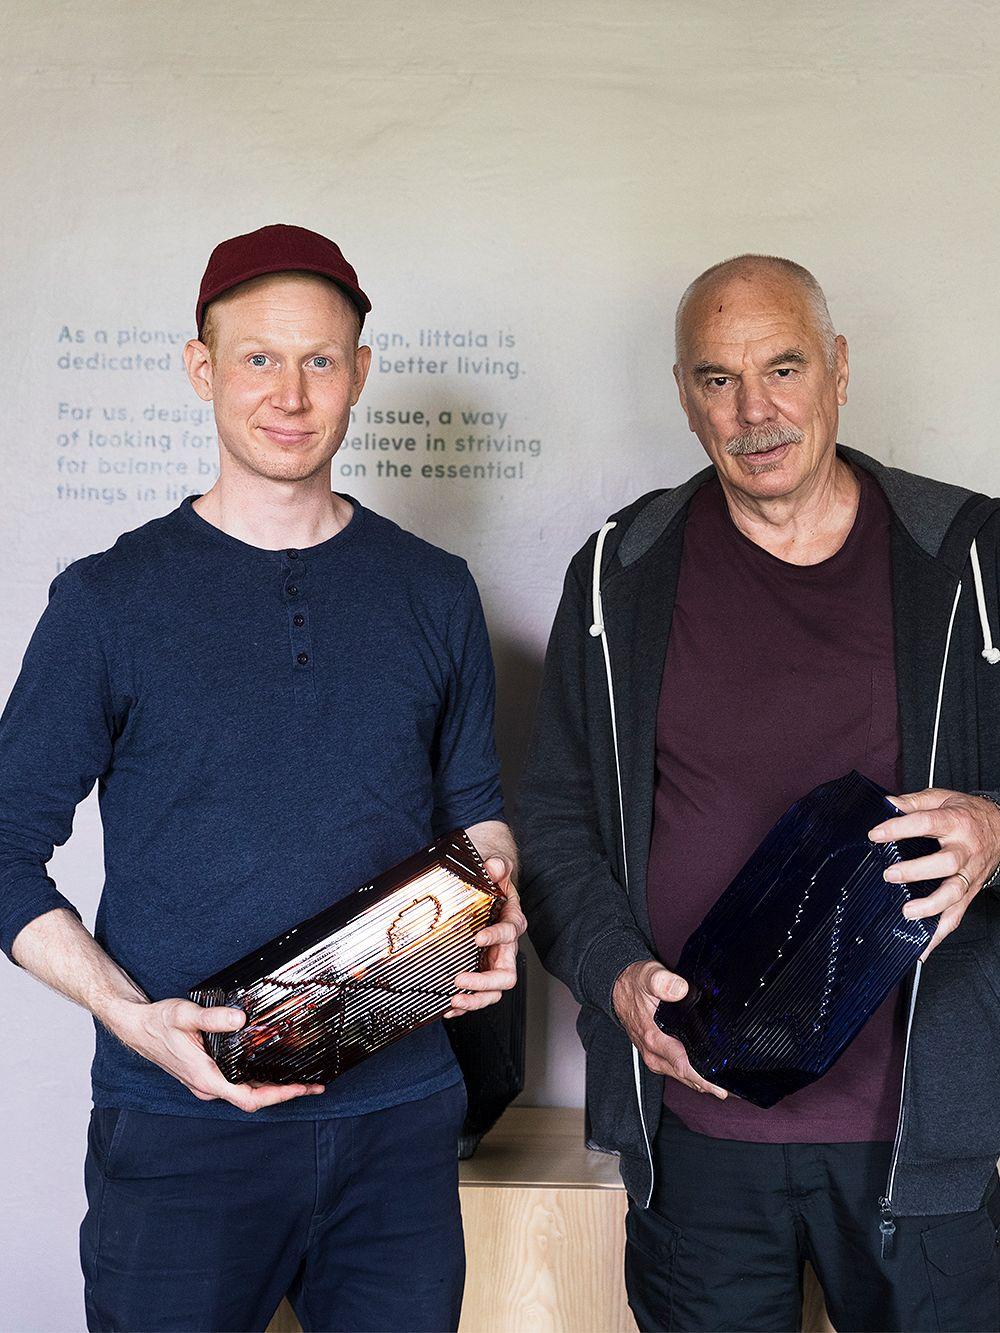 Santtu Mustonen and Heikki Punkari